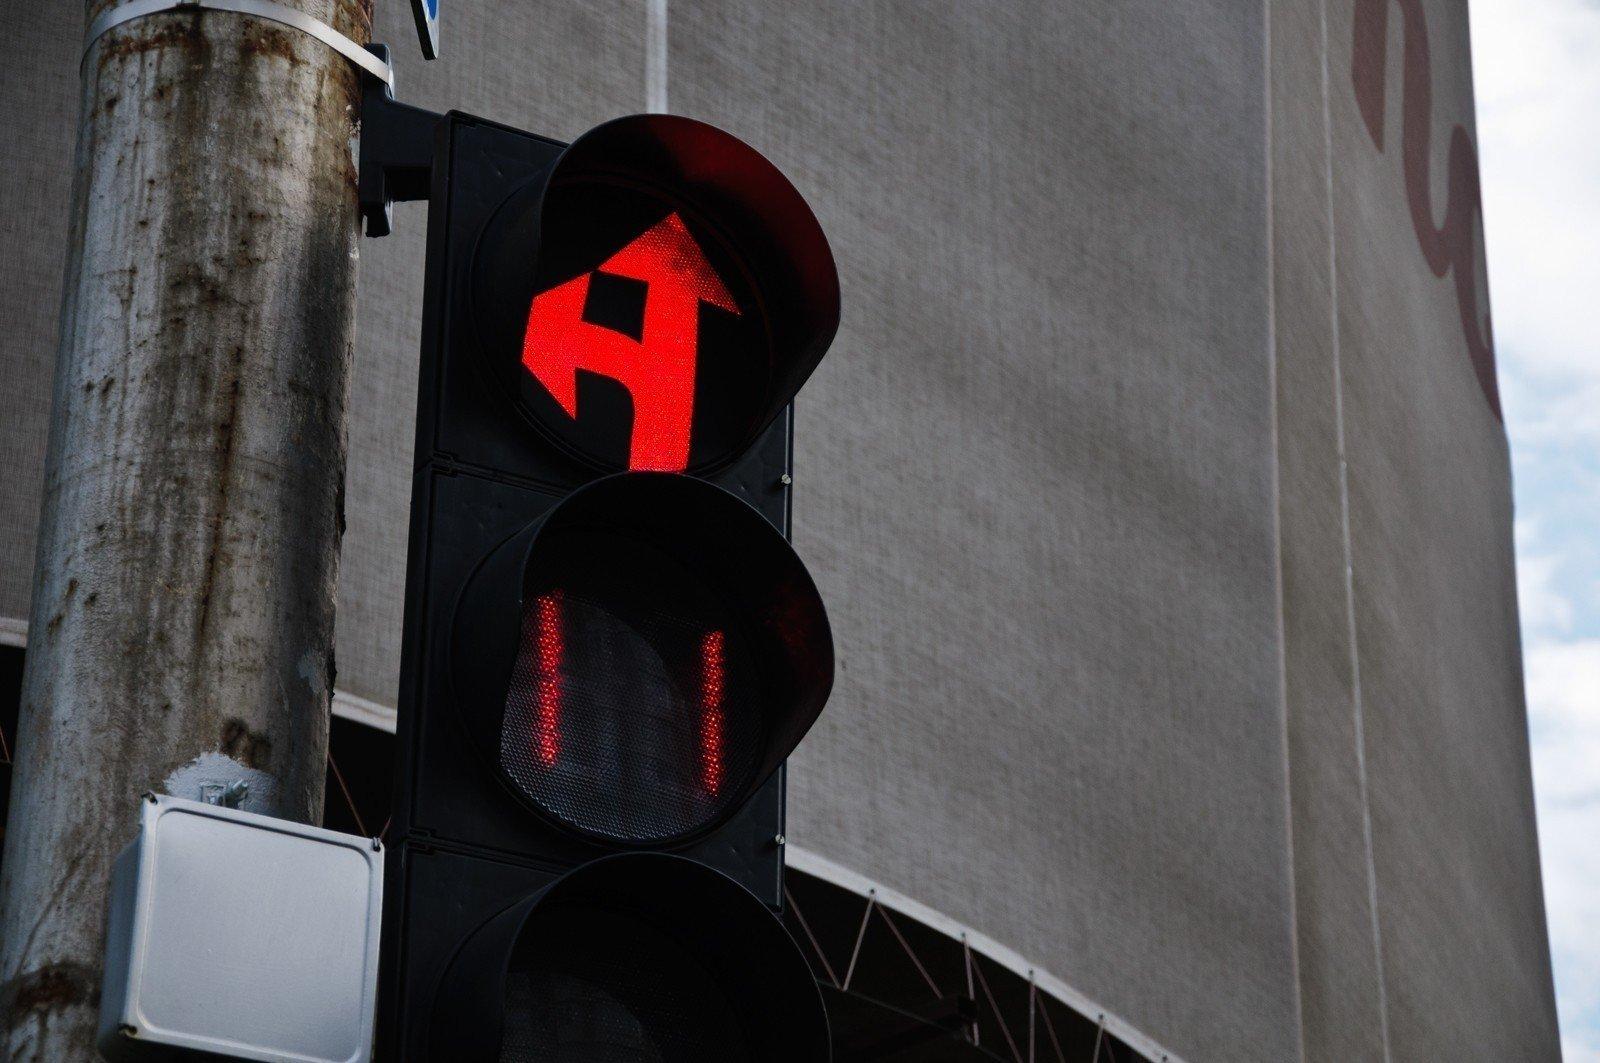 ВСамарской области замесяц расхищены около 20 светофоров